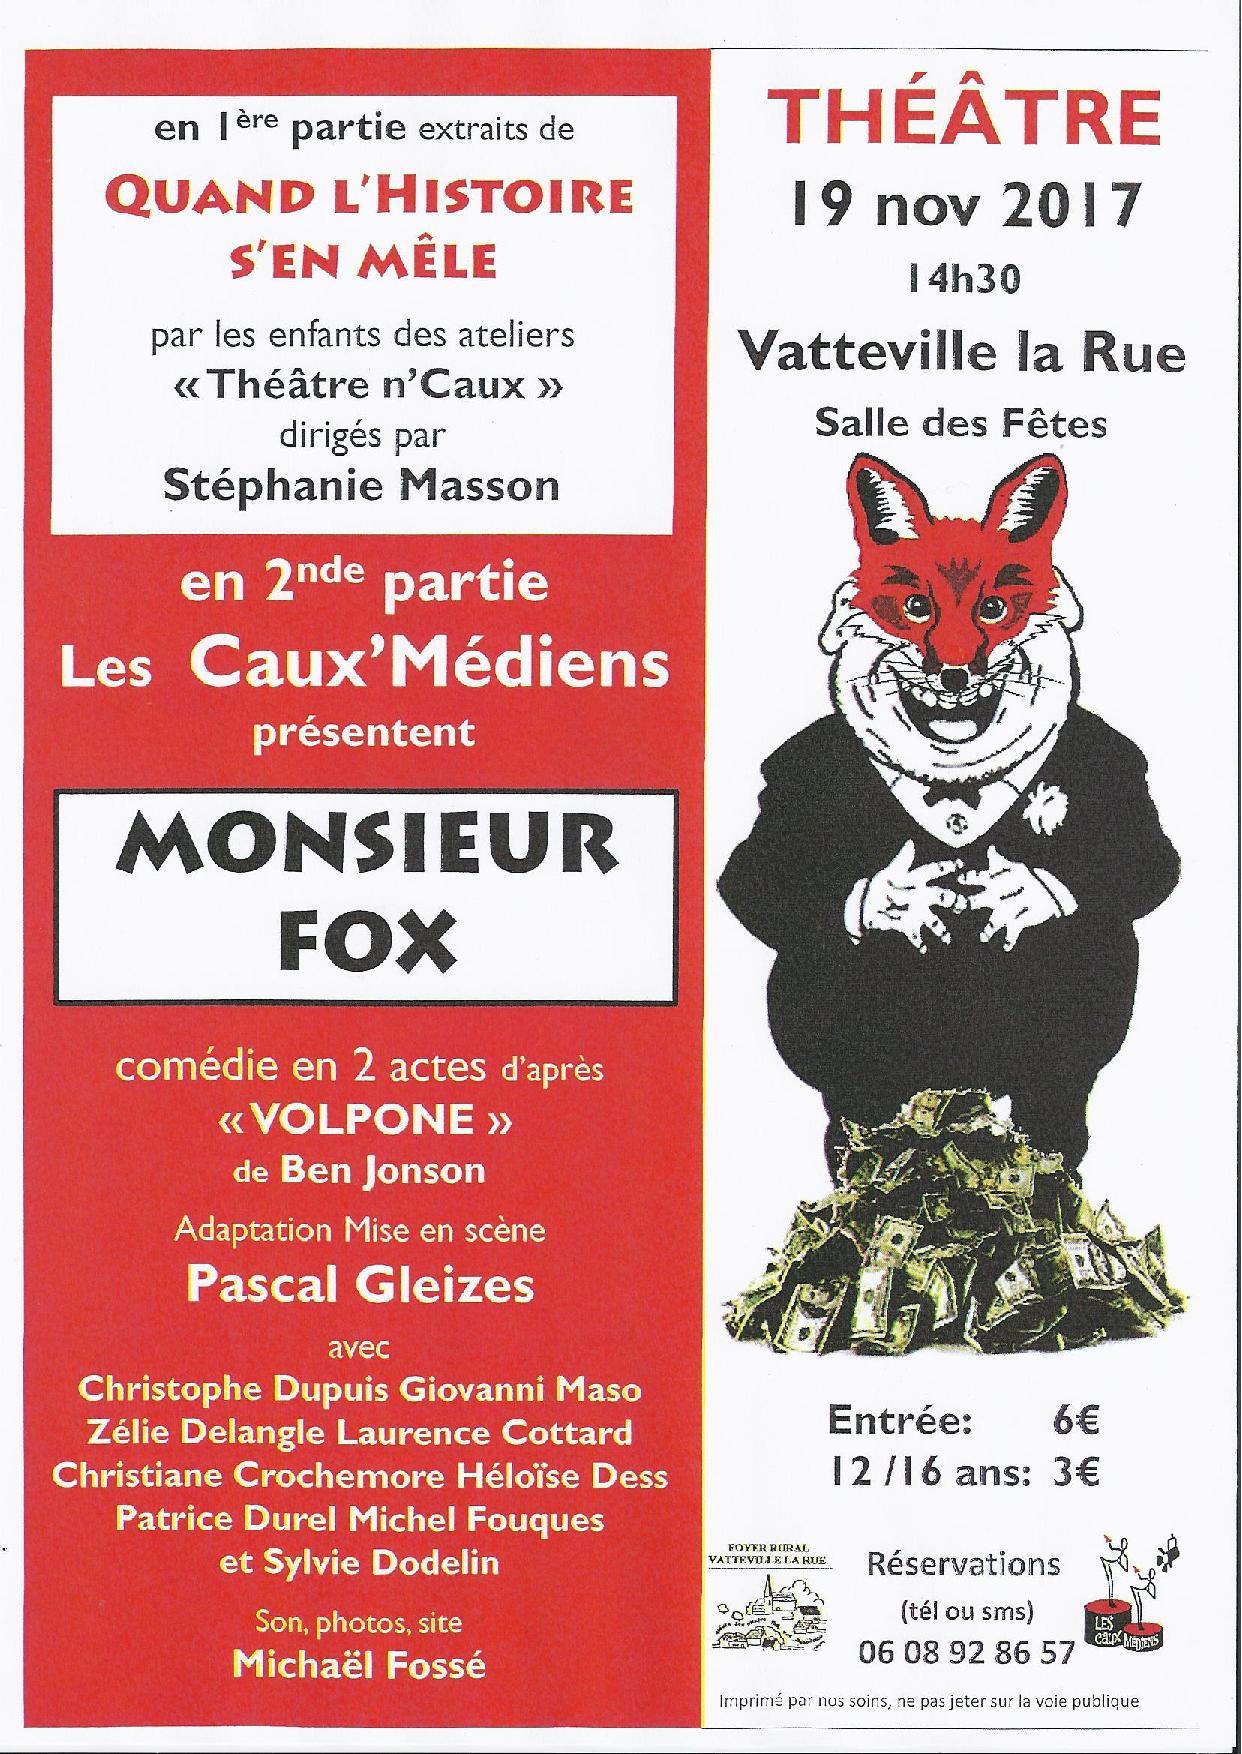 Théâtre à Vatteville-la-Rue – 19 Novembre 2017